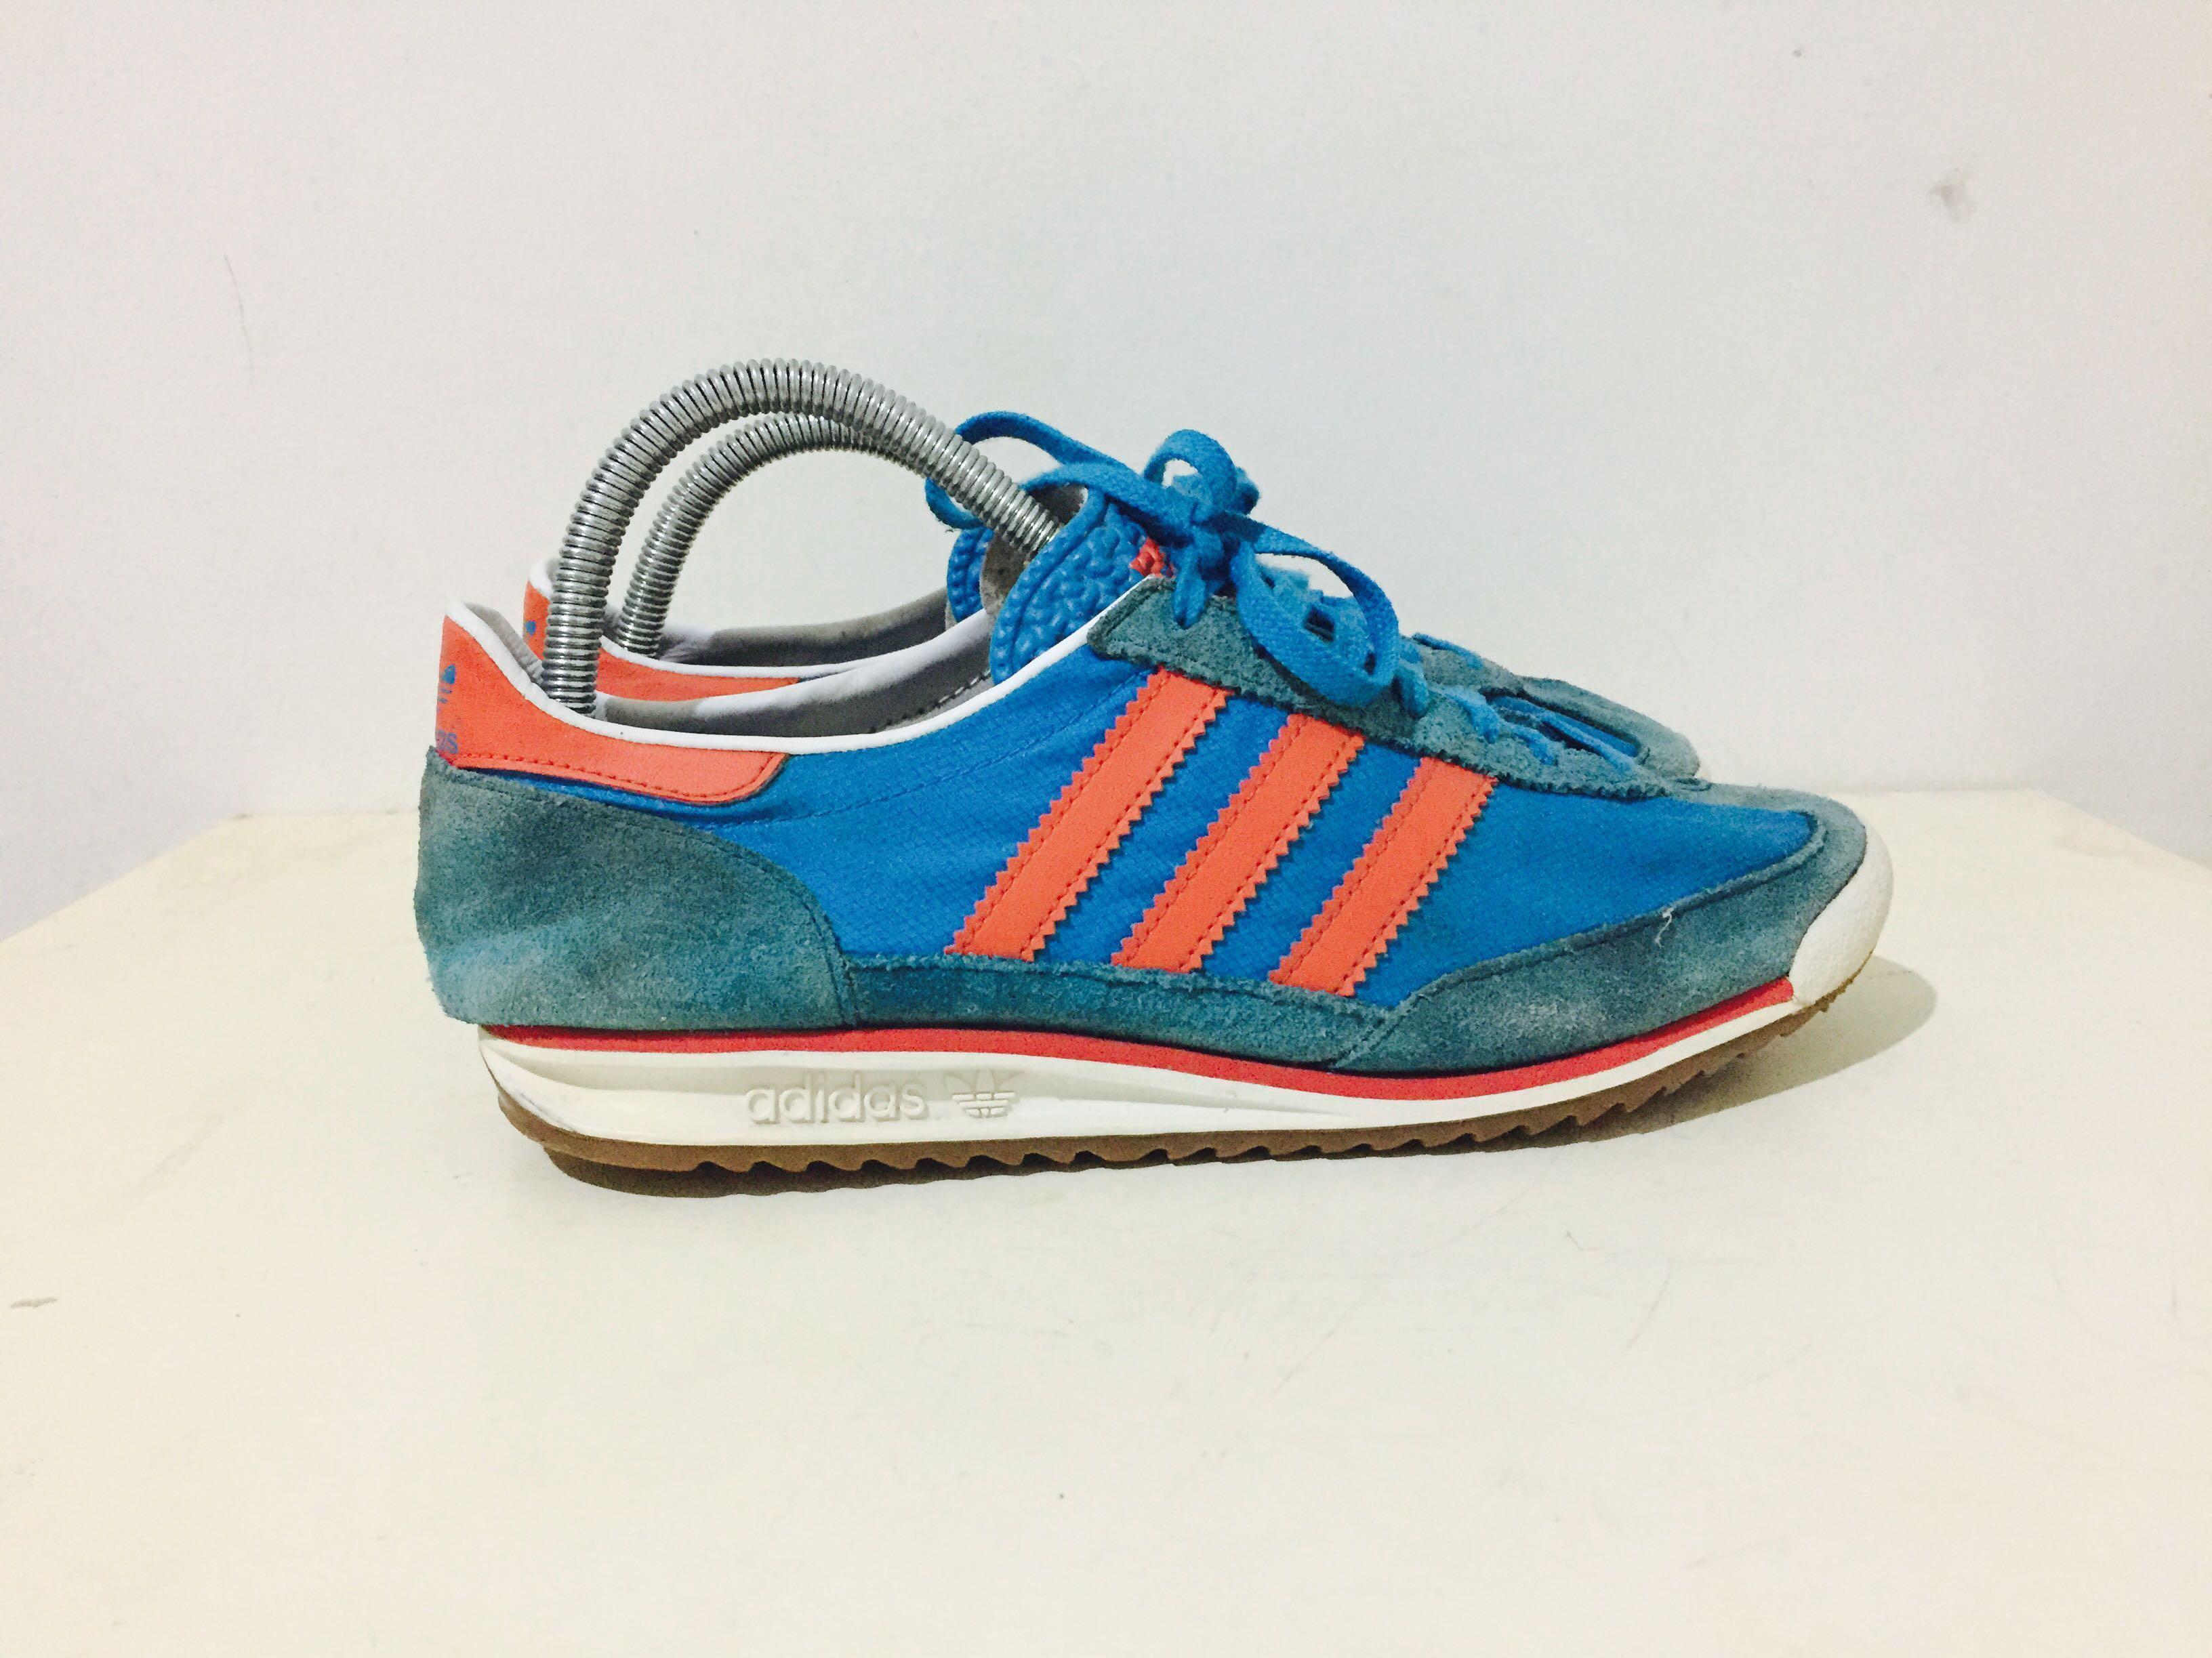 livraison gratuite 5a01e 0e2d5 Adidas SL72